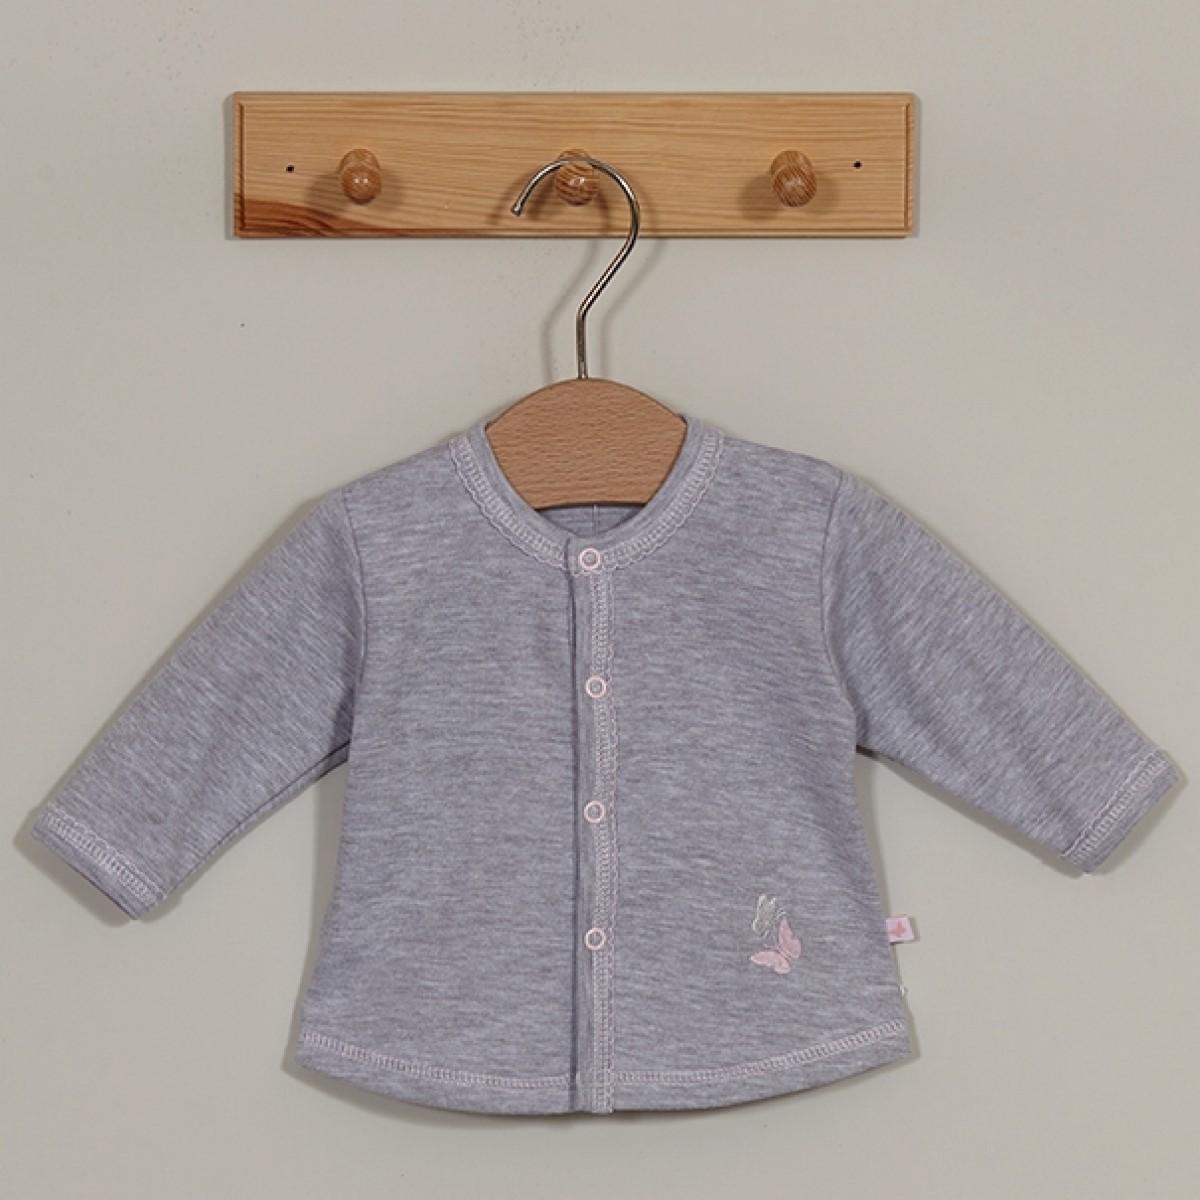 Marškinėliai VILAURITA Sophie, 74 cm (822)